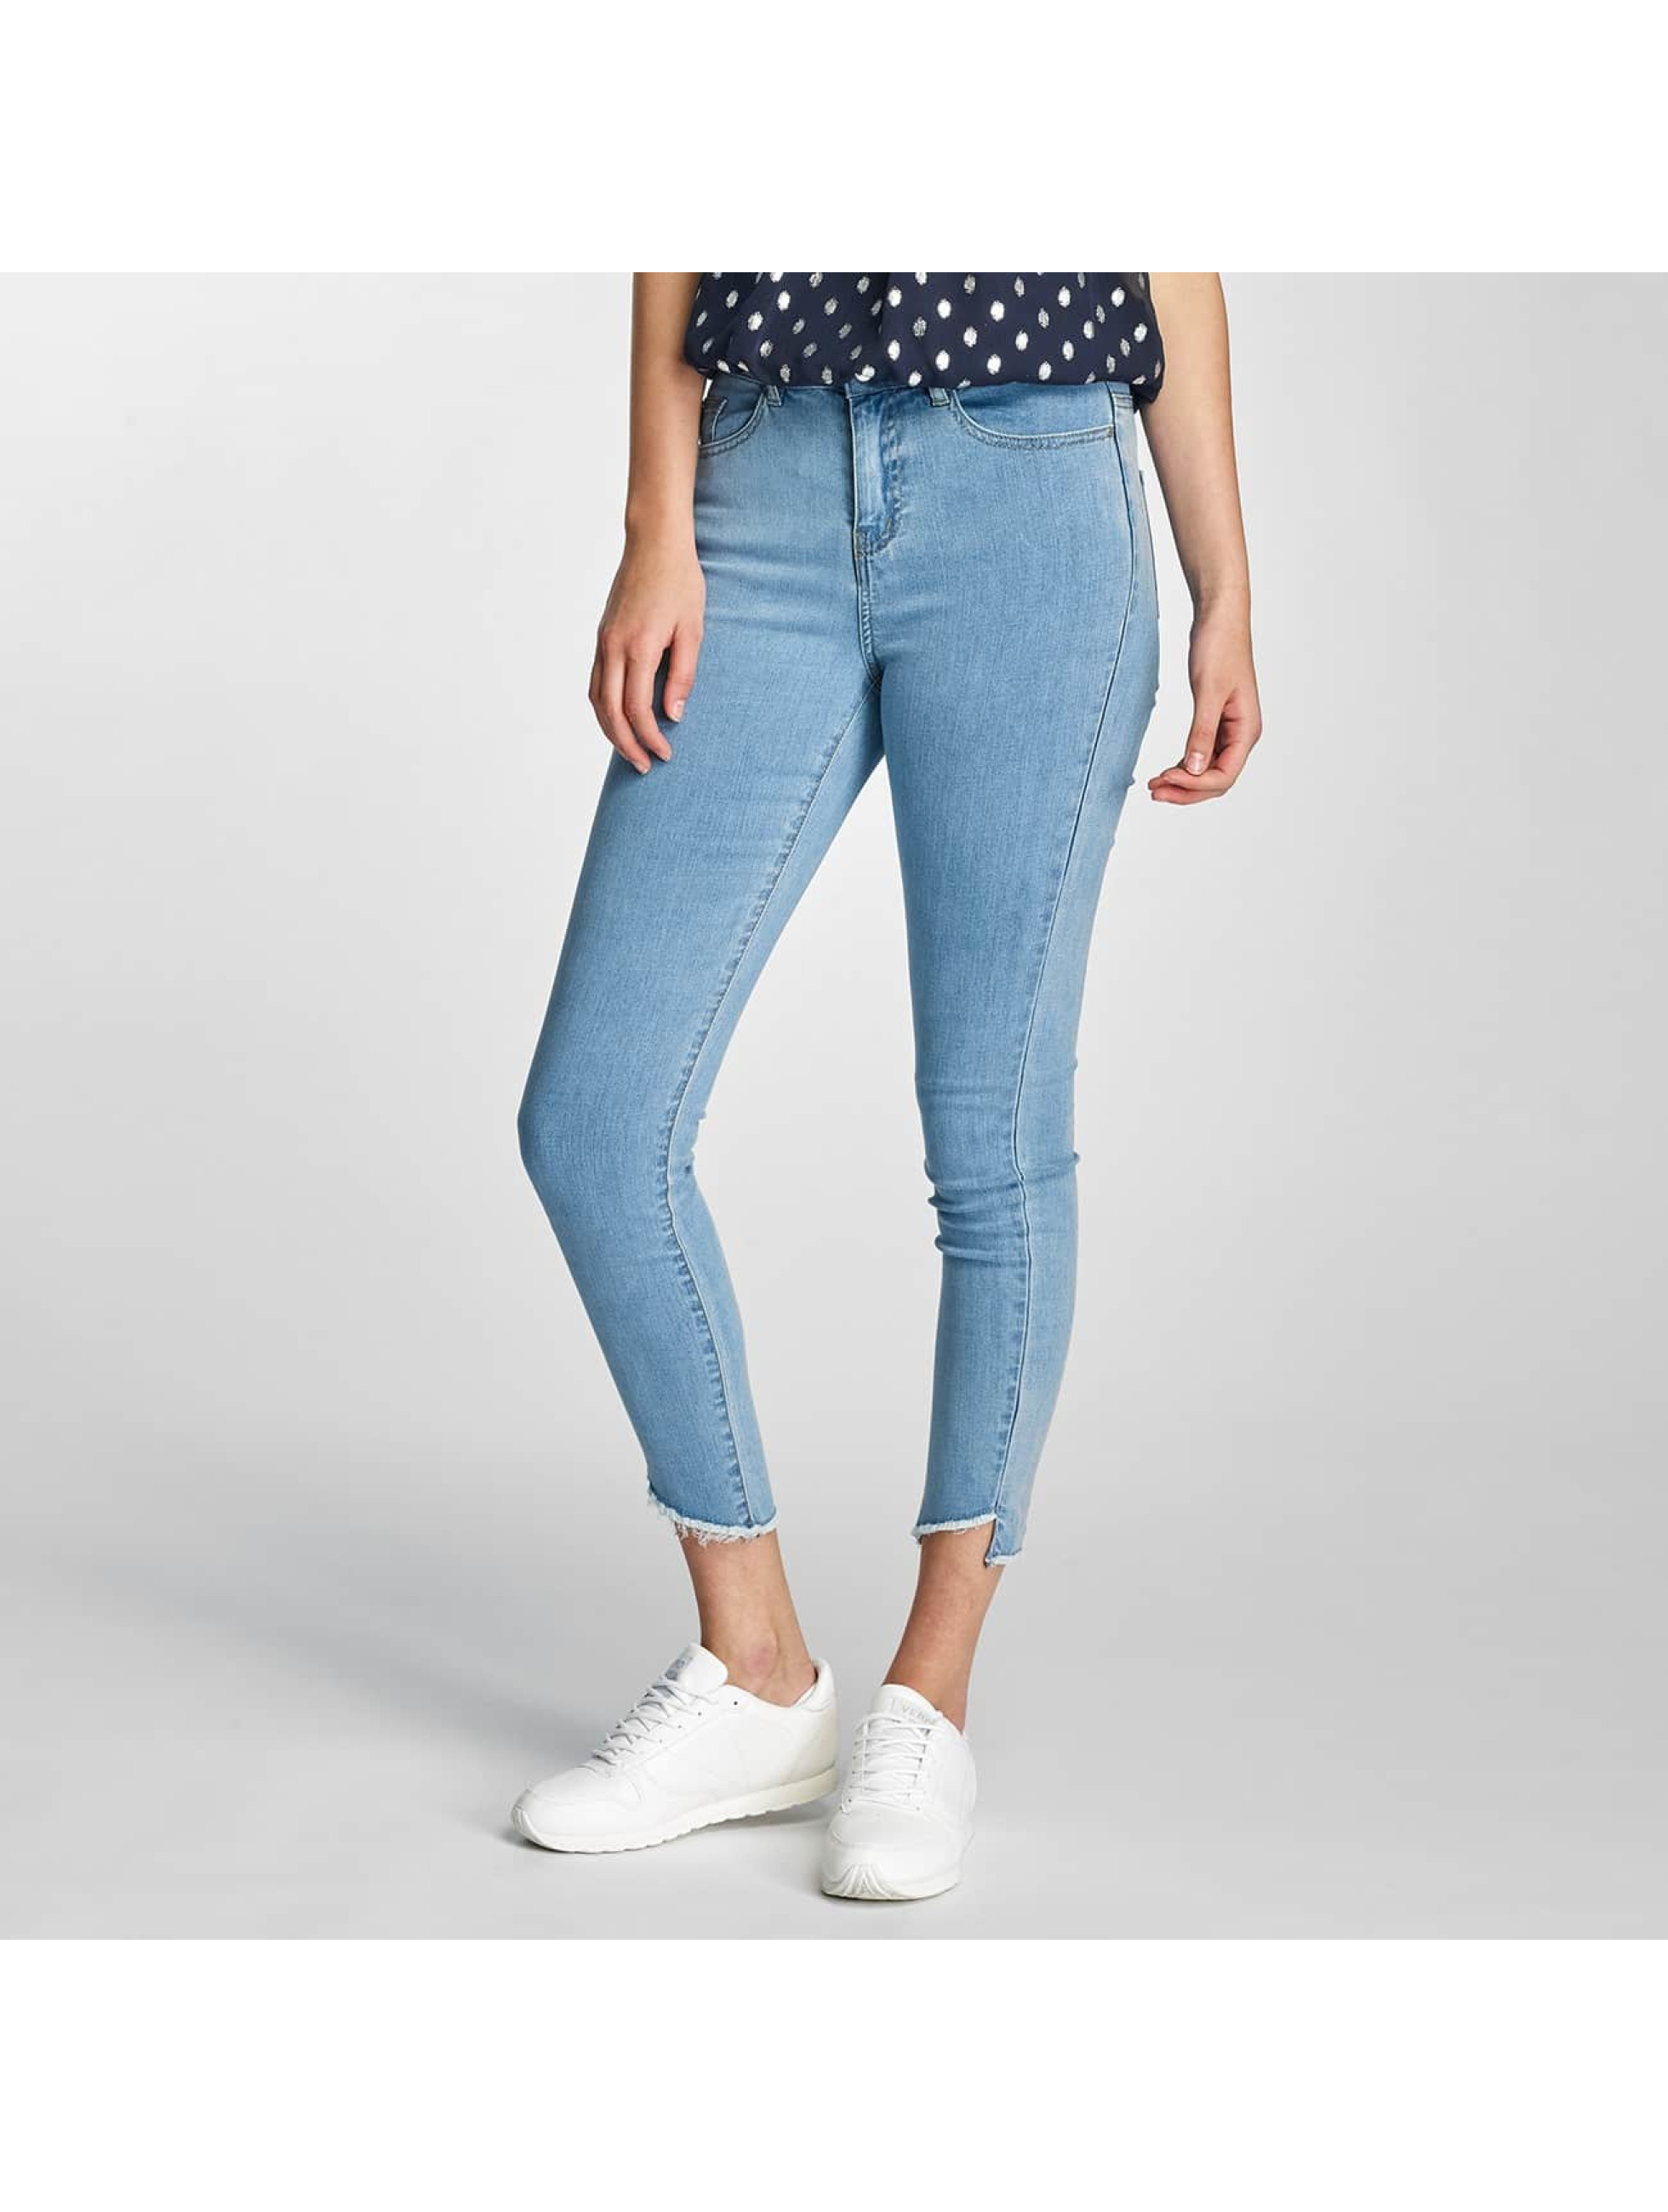 Vero Moda Jeans ajustado vmNine azul